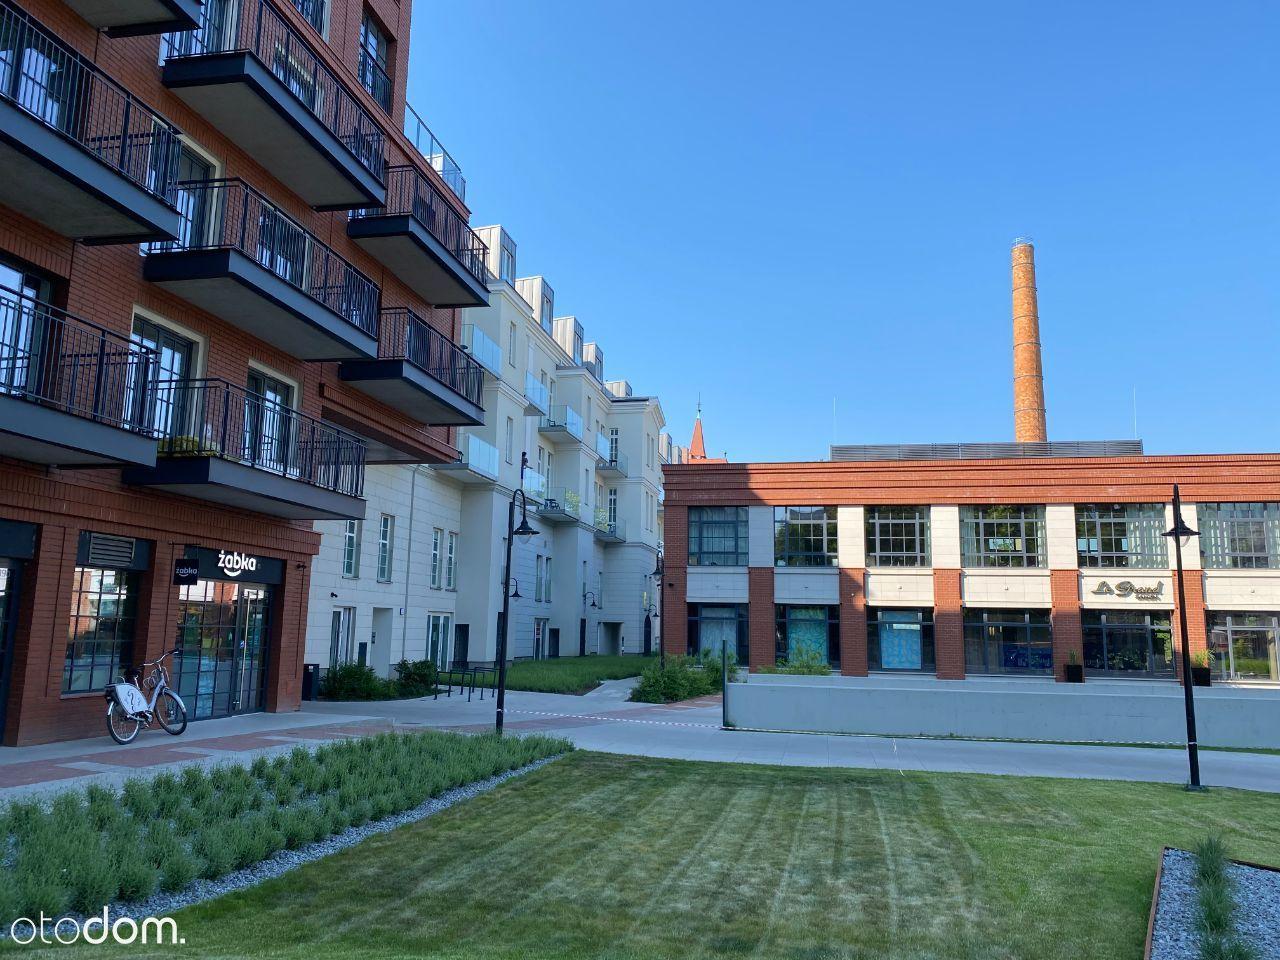 Mieszkanie Inwestycyjne   Grube Ściany   Balkon